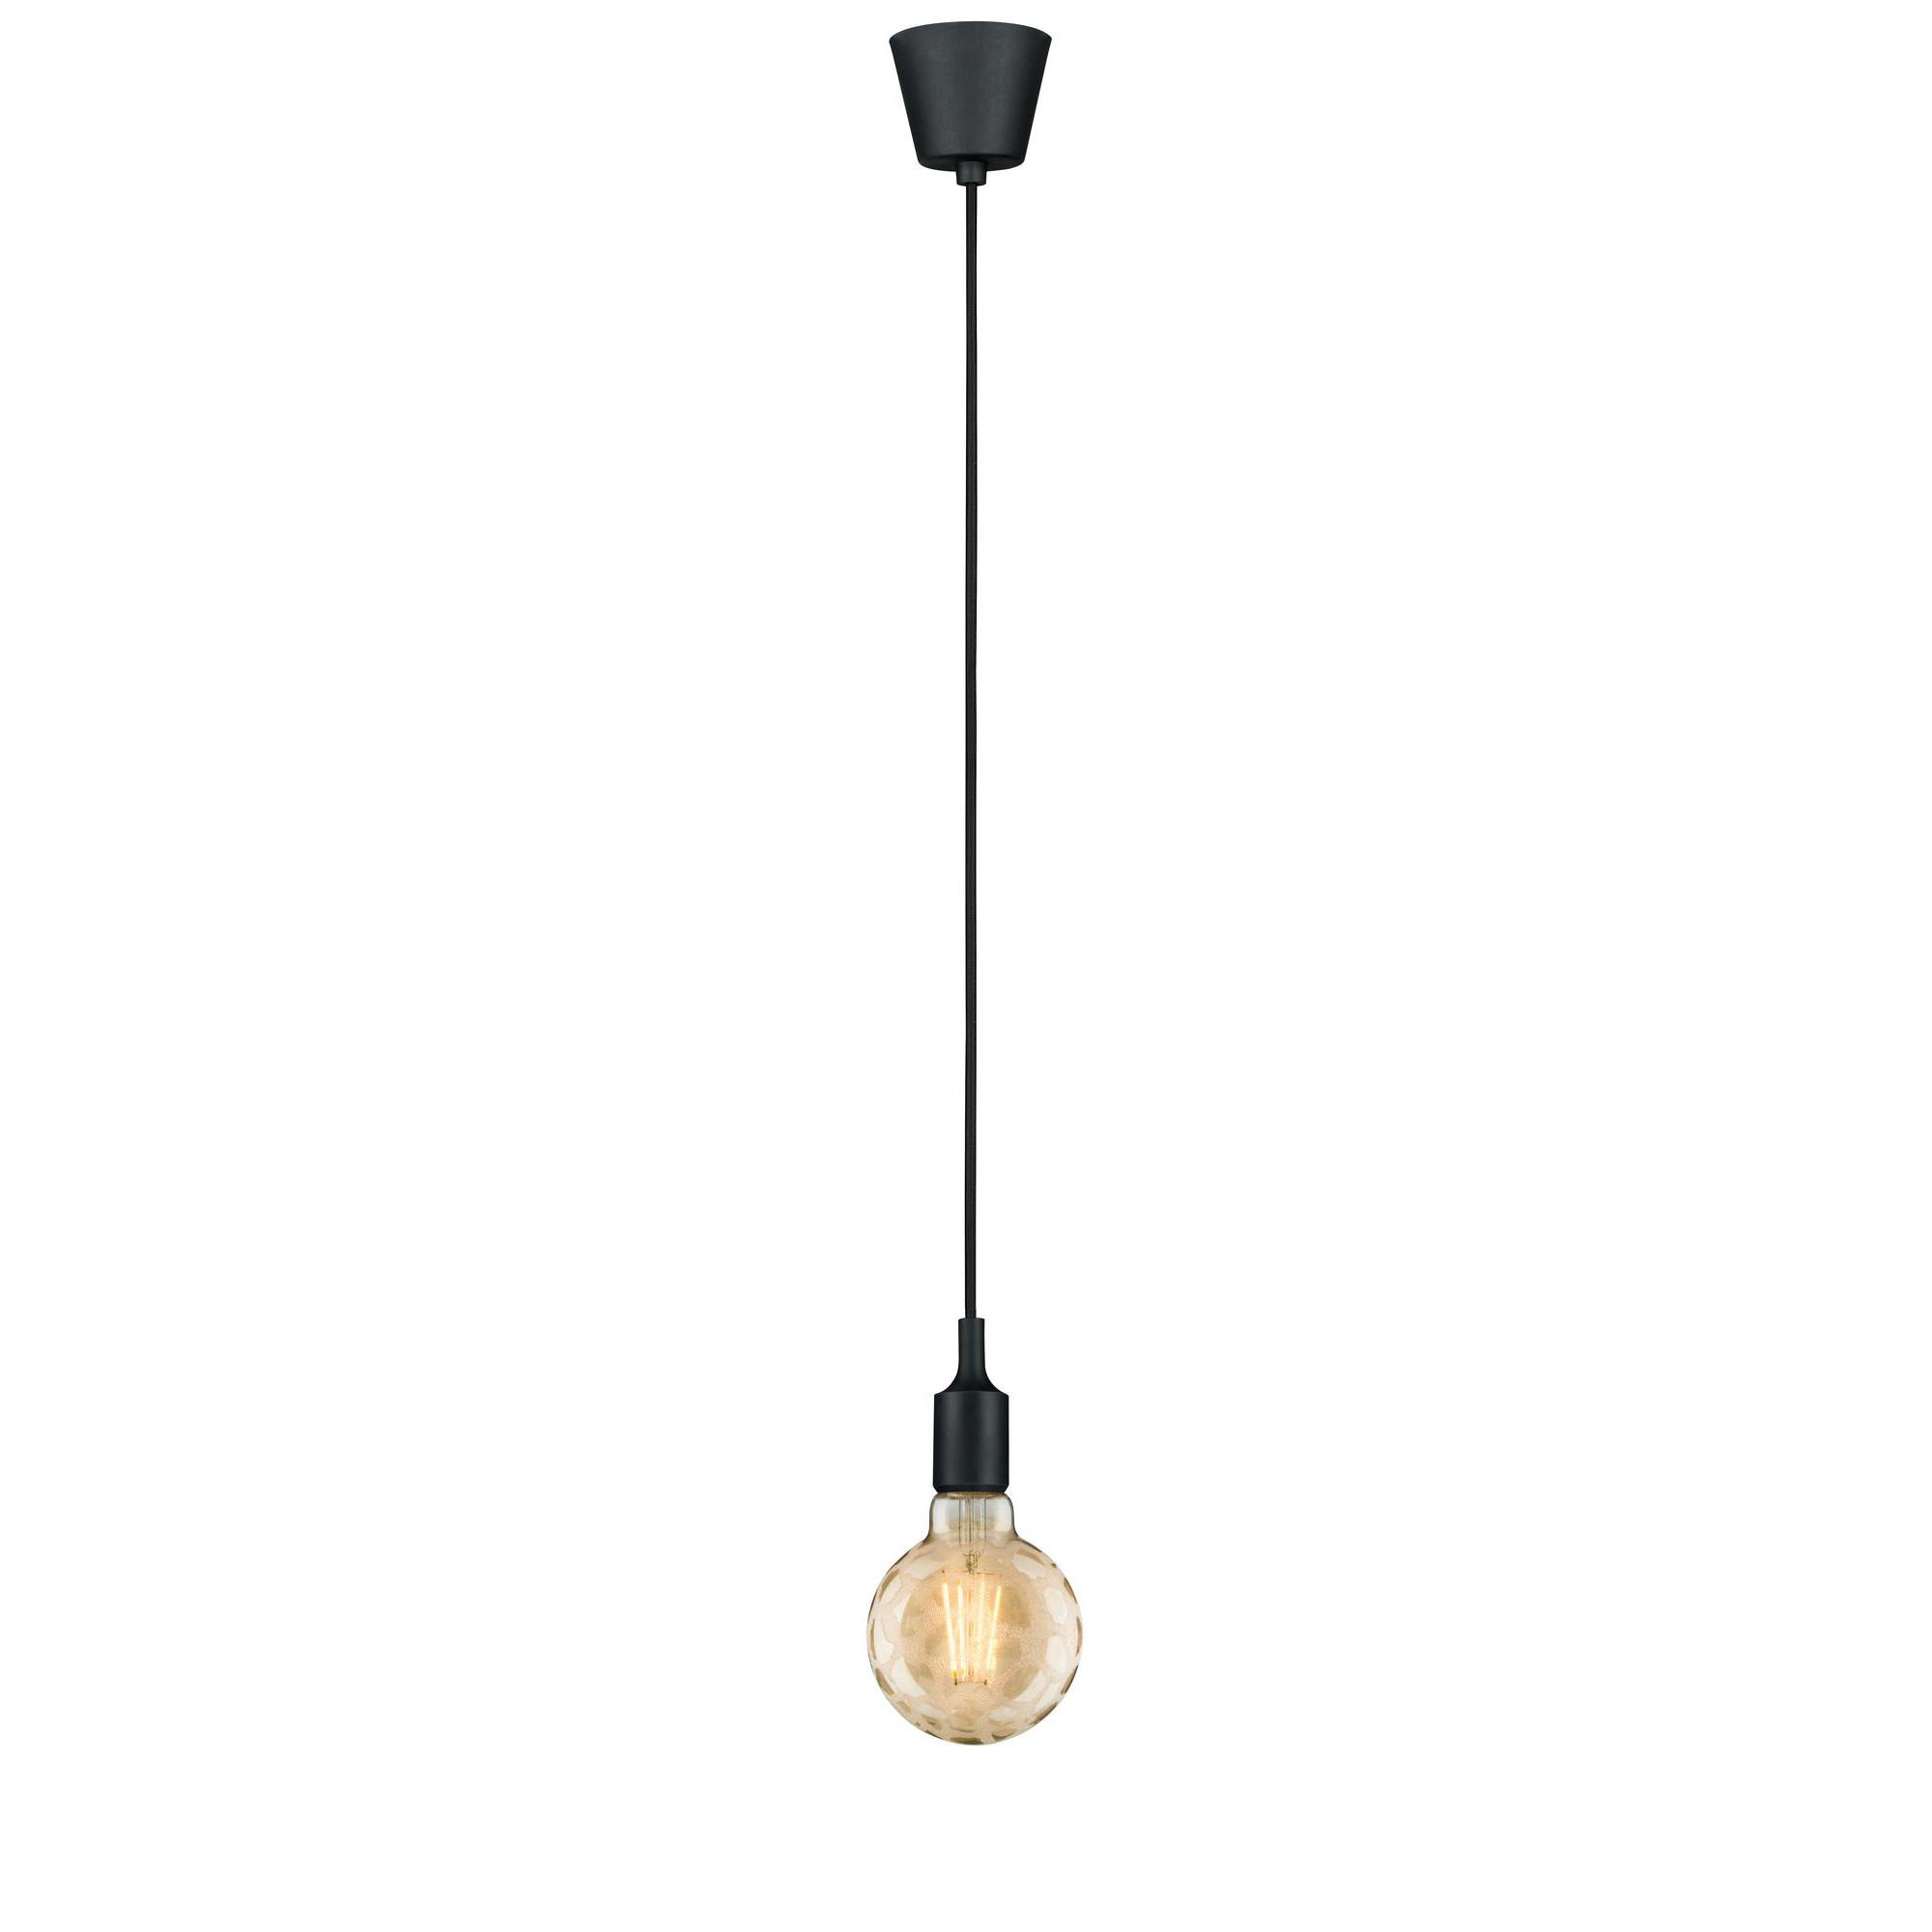 Лампа филаментная Paulmann Ретро Шар G95 6Вт 750лм 2500К Е27 230В Золото Кроколед Регулируемая яркость 28488.